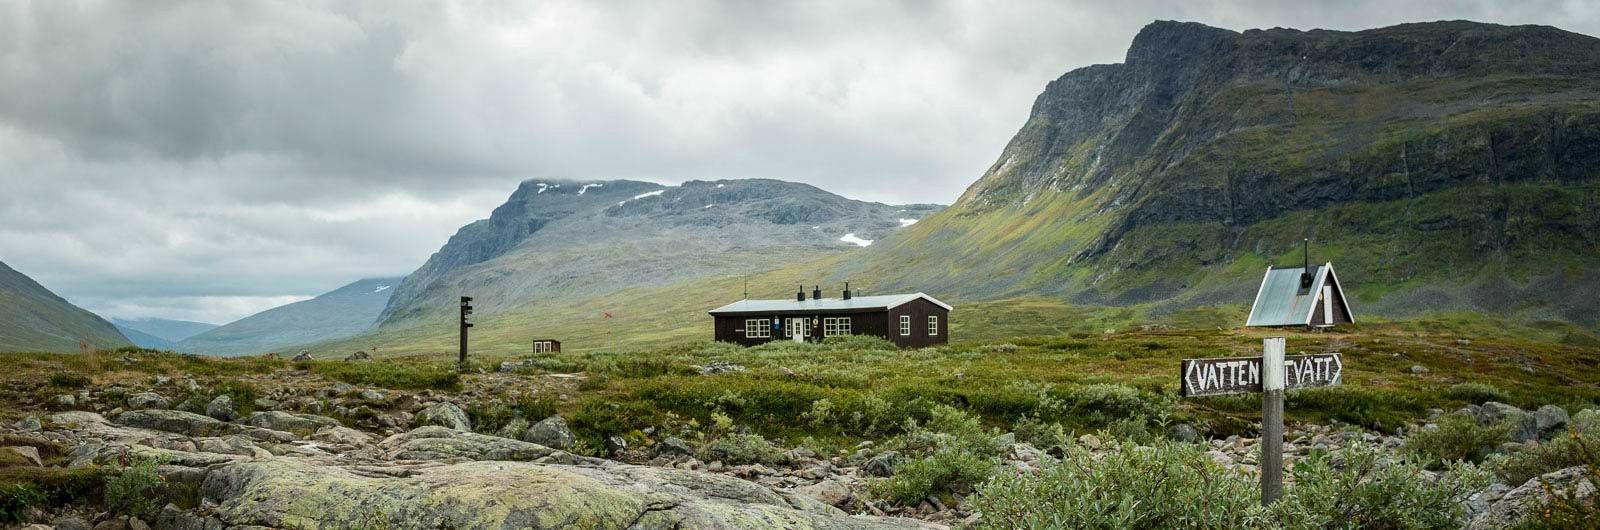 STF Singi Fjällstuga med berg i bakgrunden